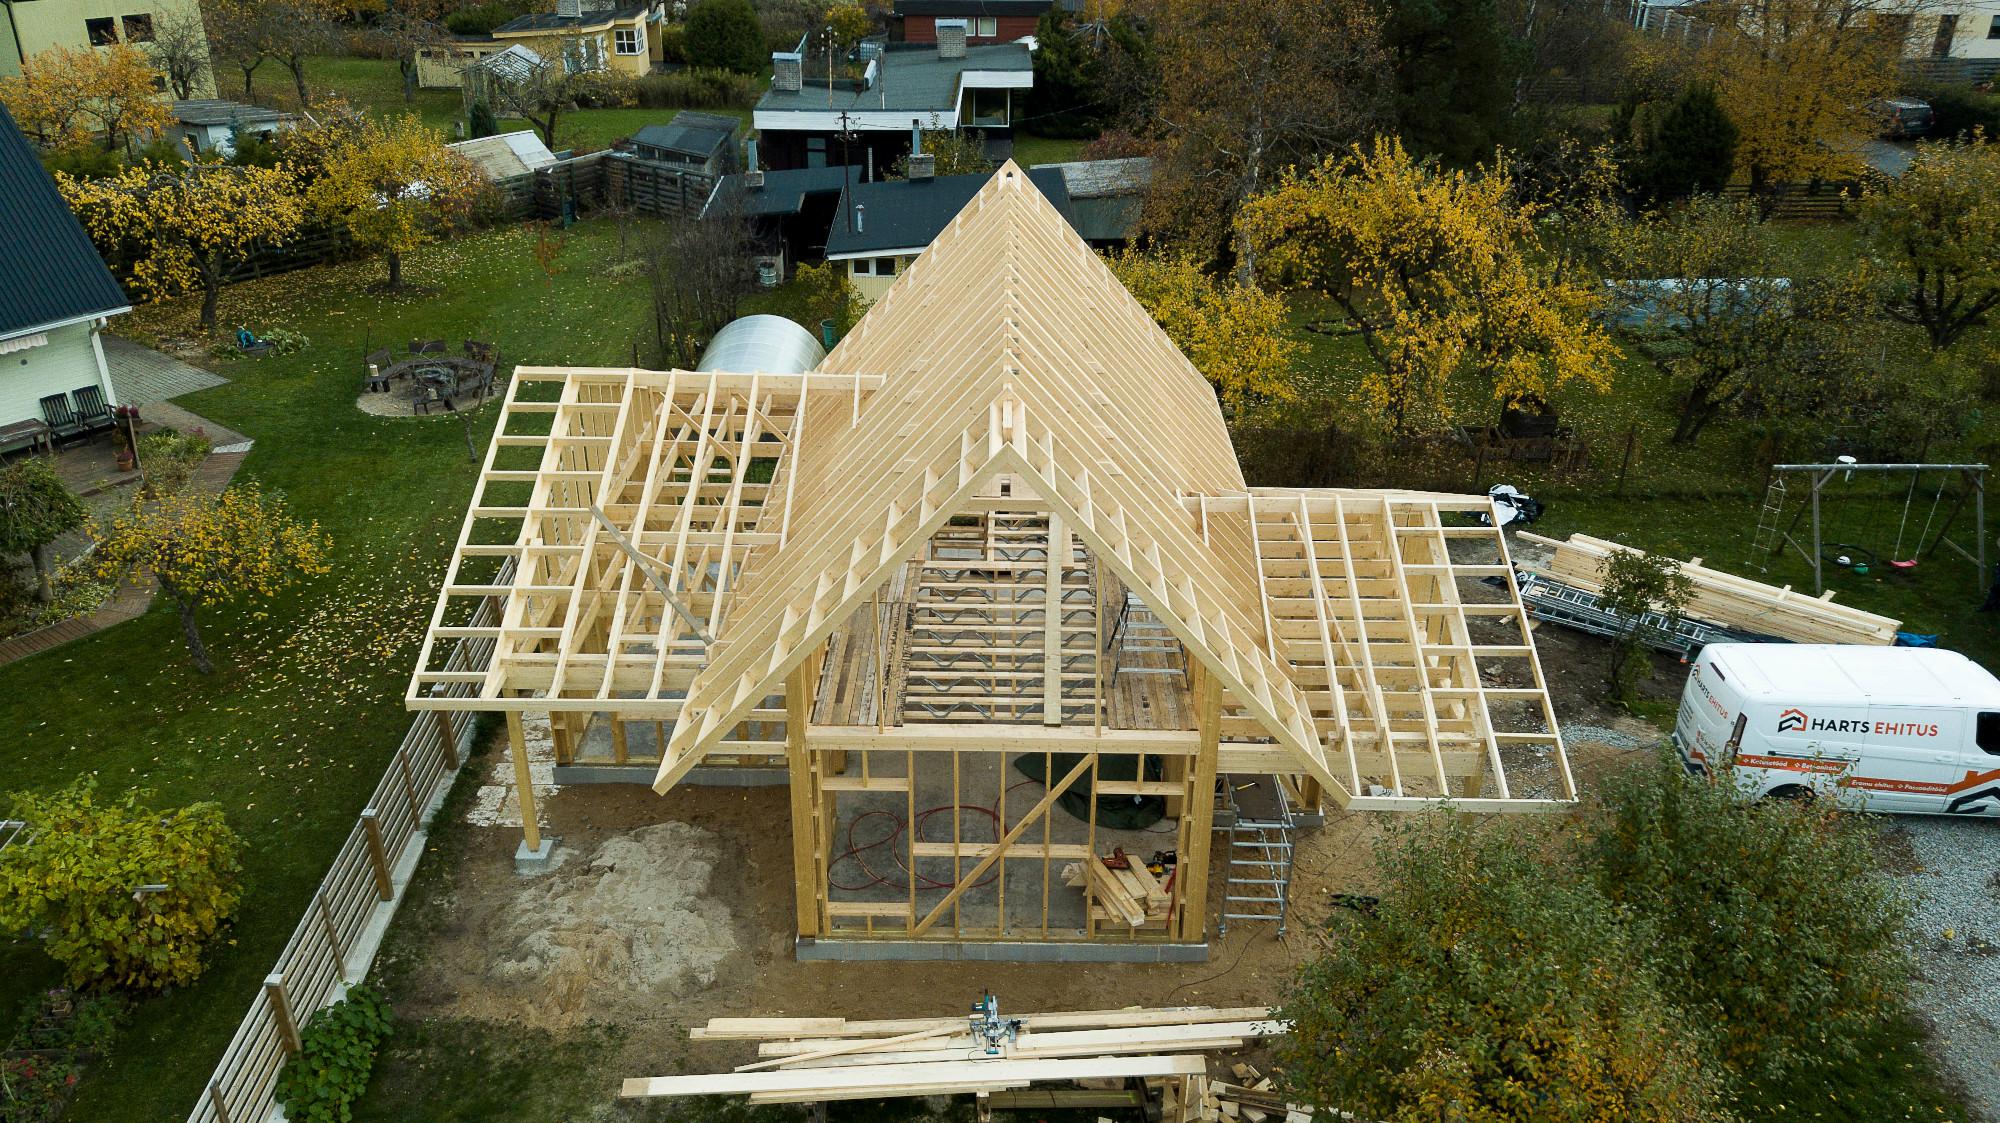 Kodu mis on ehitatud hästi